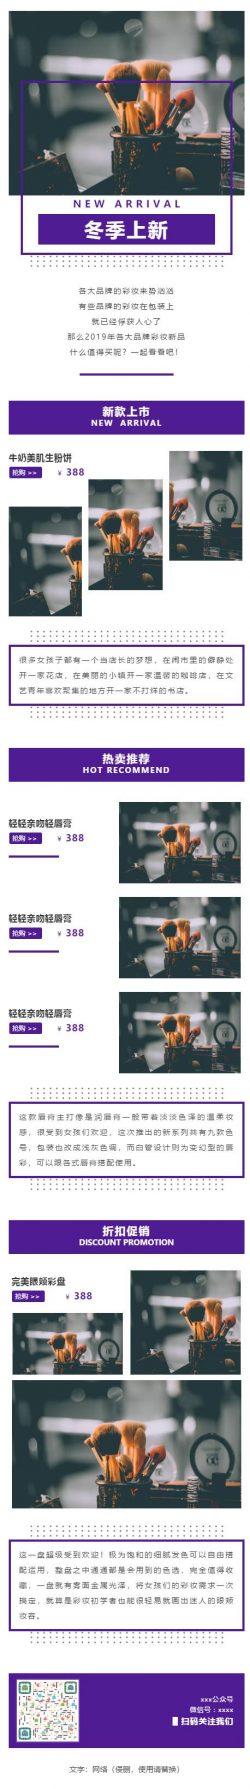 电商微商上新新品推送文章模板推文模板紫色风格